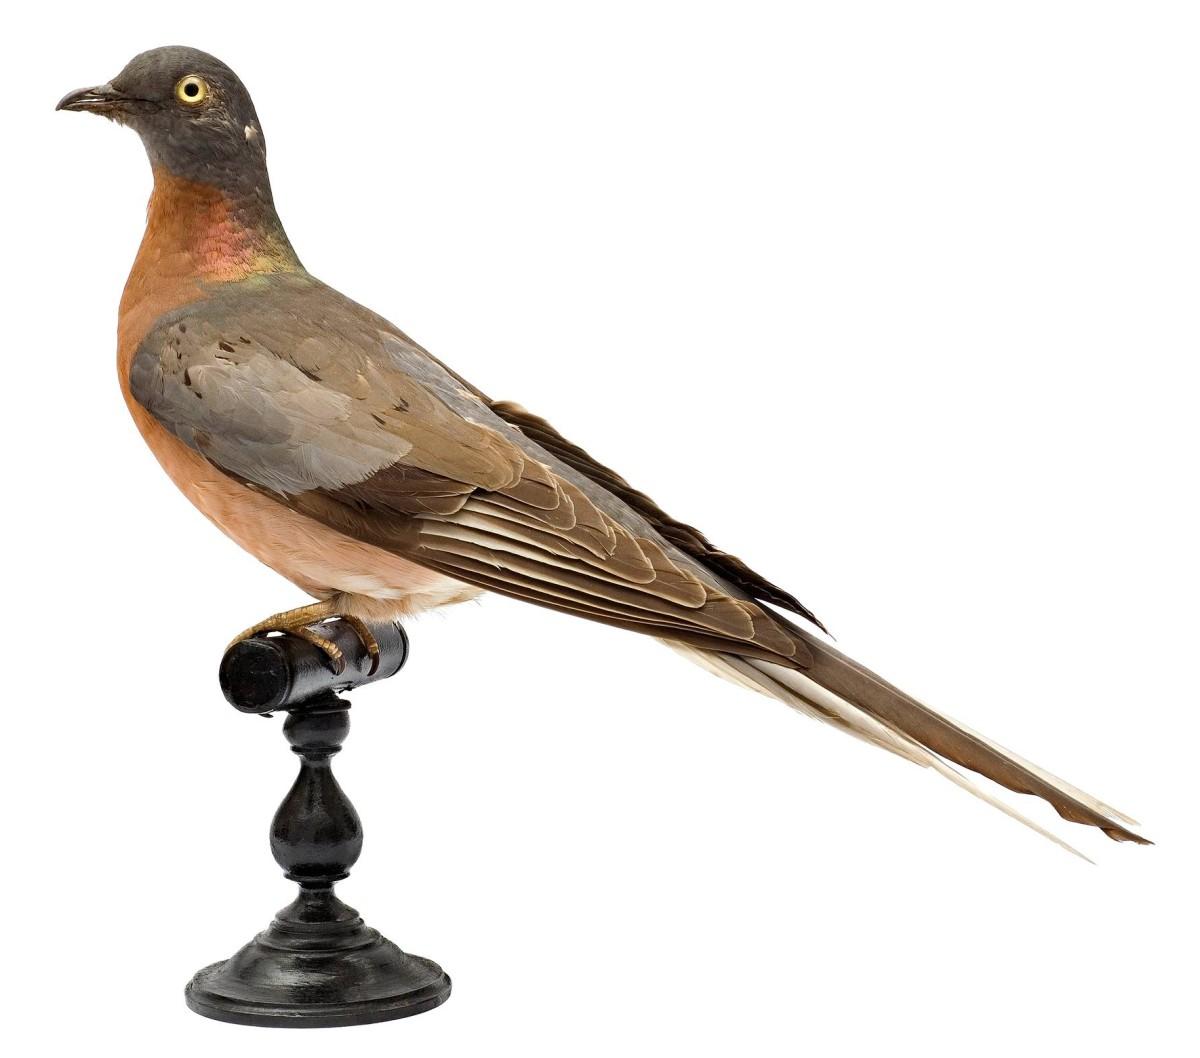 Täytetty muuttokyyhky Lontoon luonnontieteellisessä museossa. Kuva Natural History Museum, London / Science Photo Library